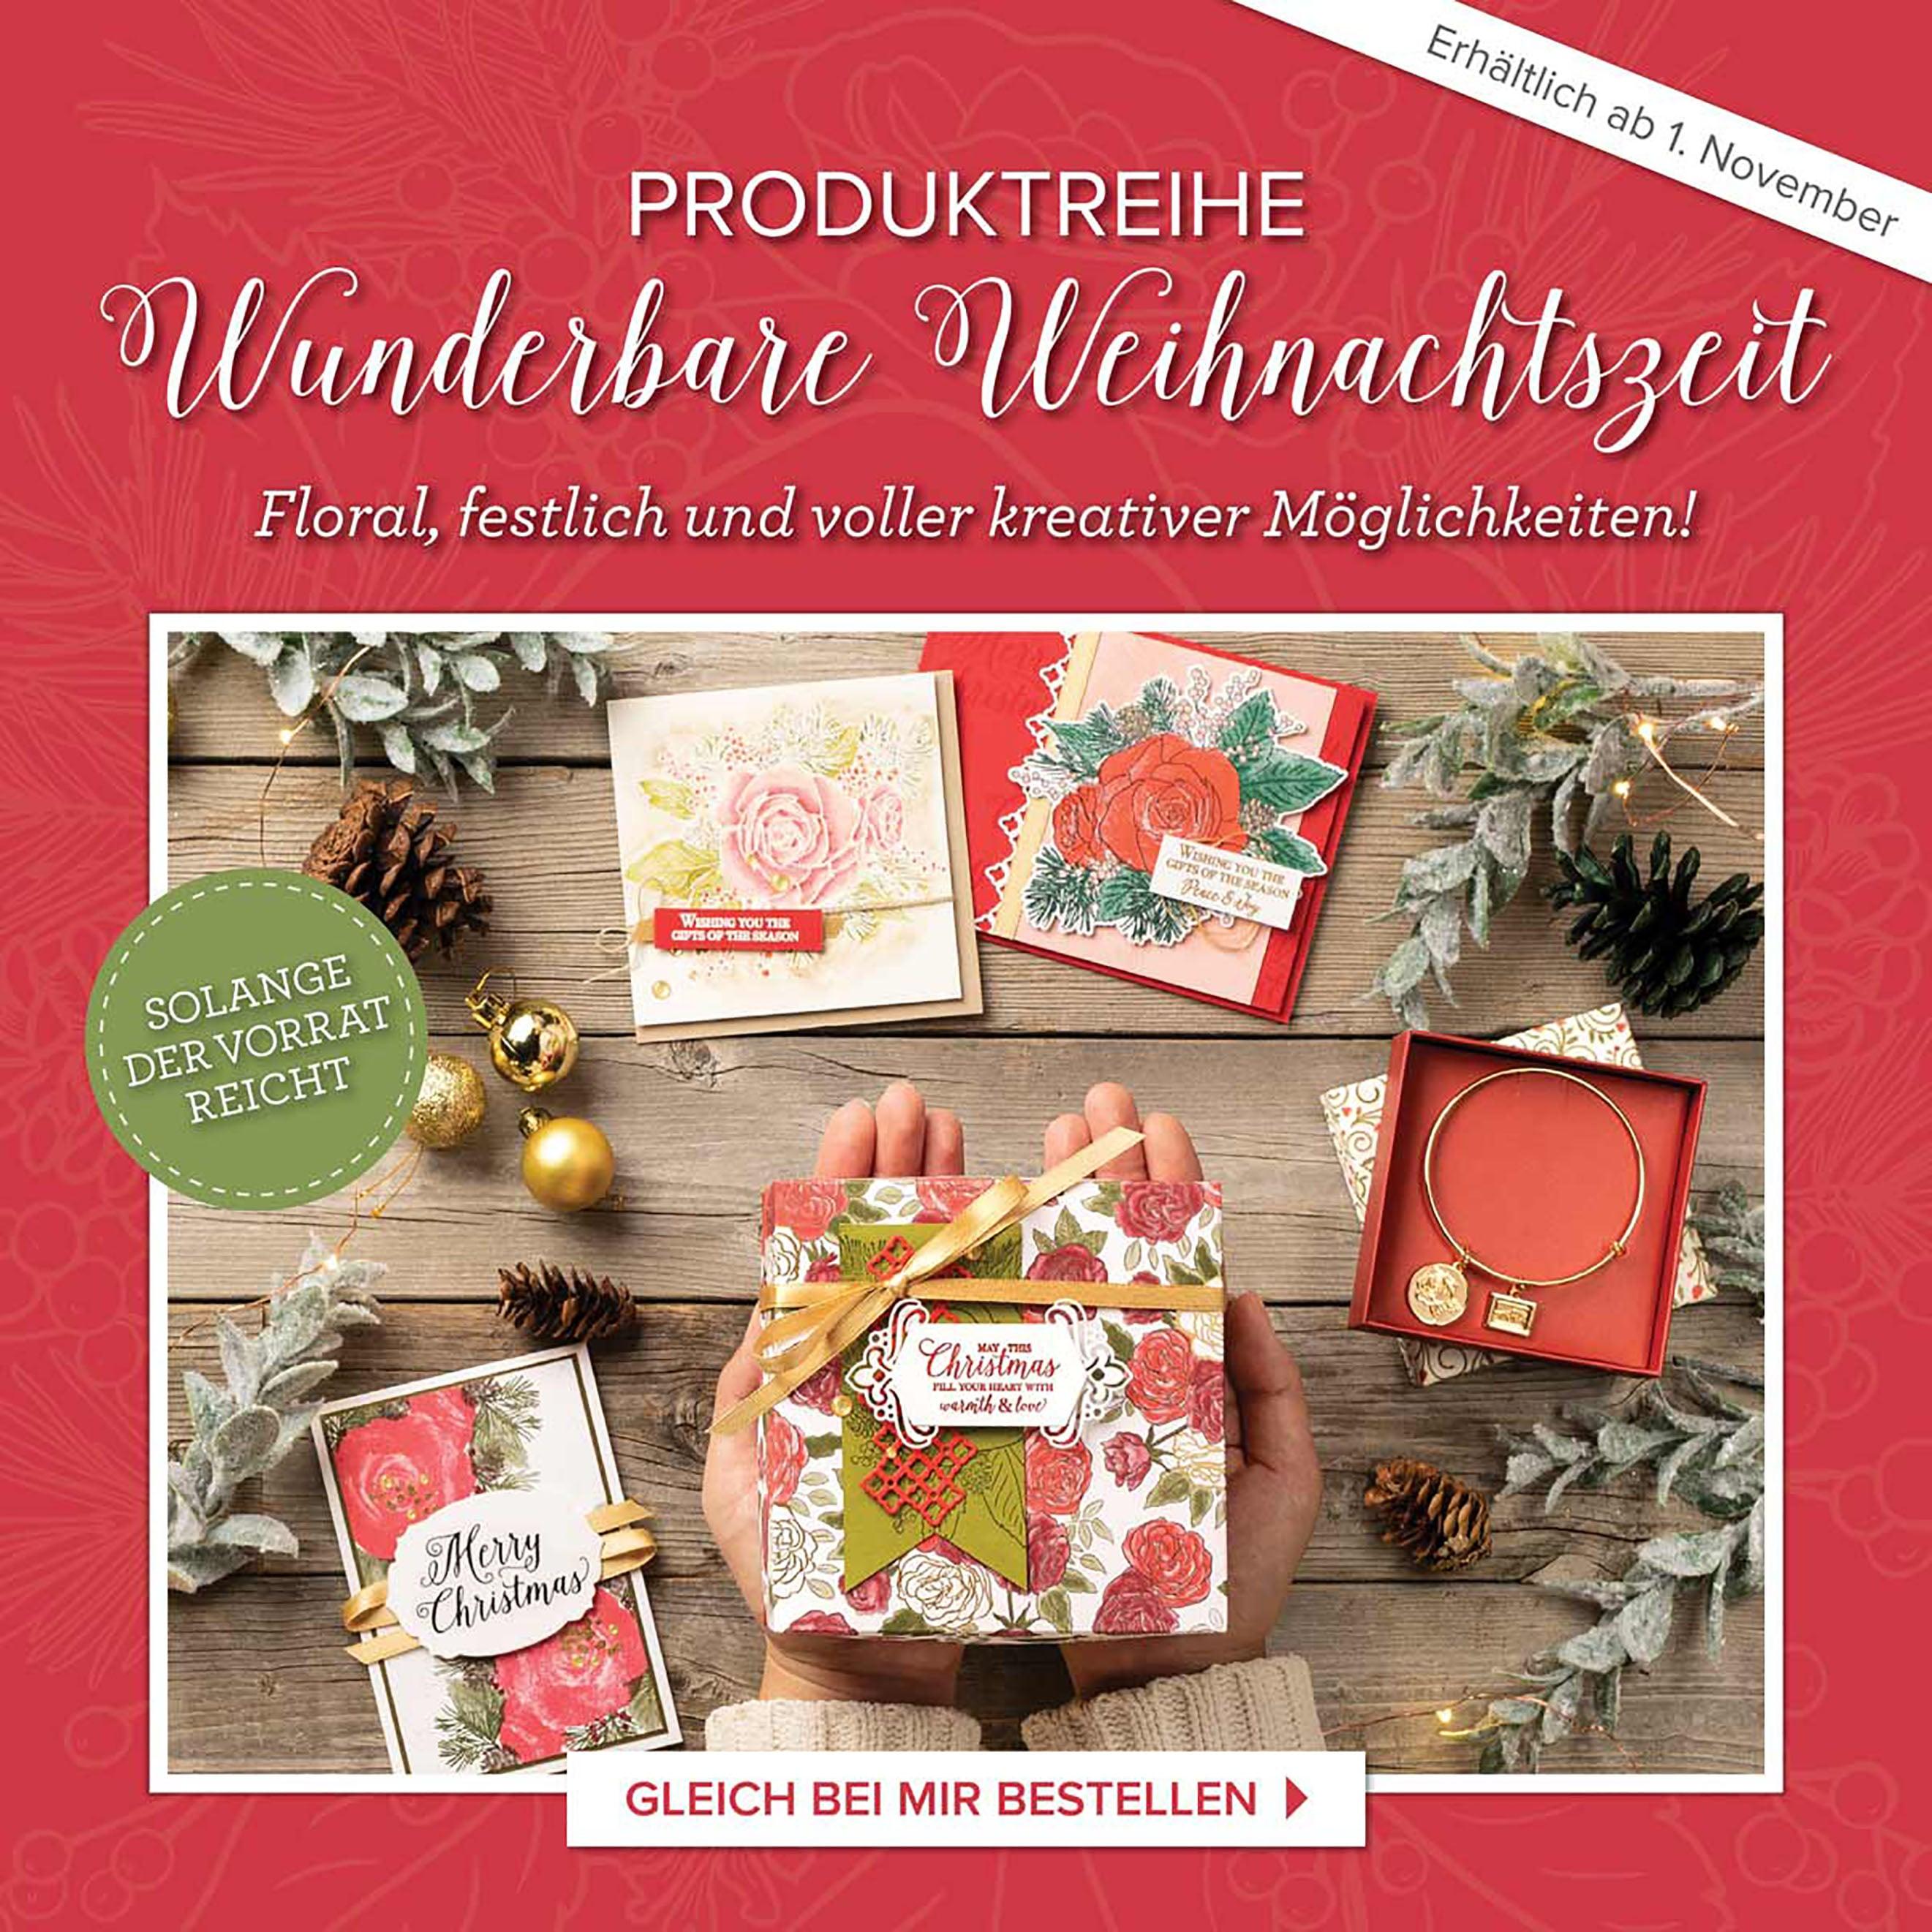 2019-11_Wunderbare-Weihnachtszeit-SQ